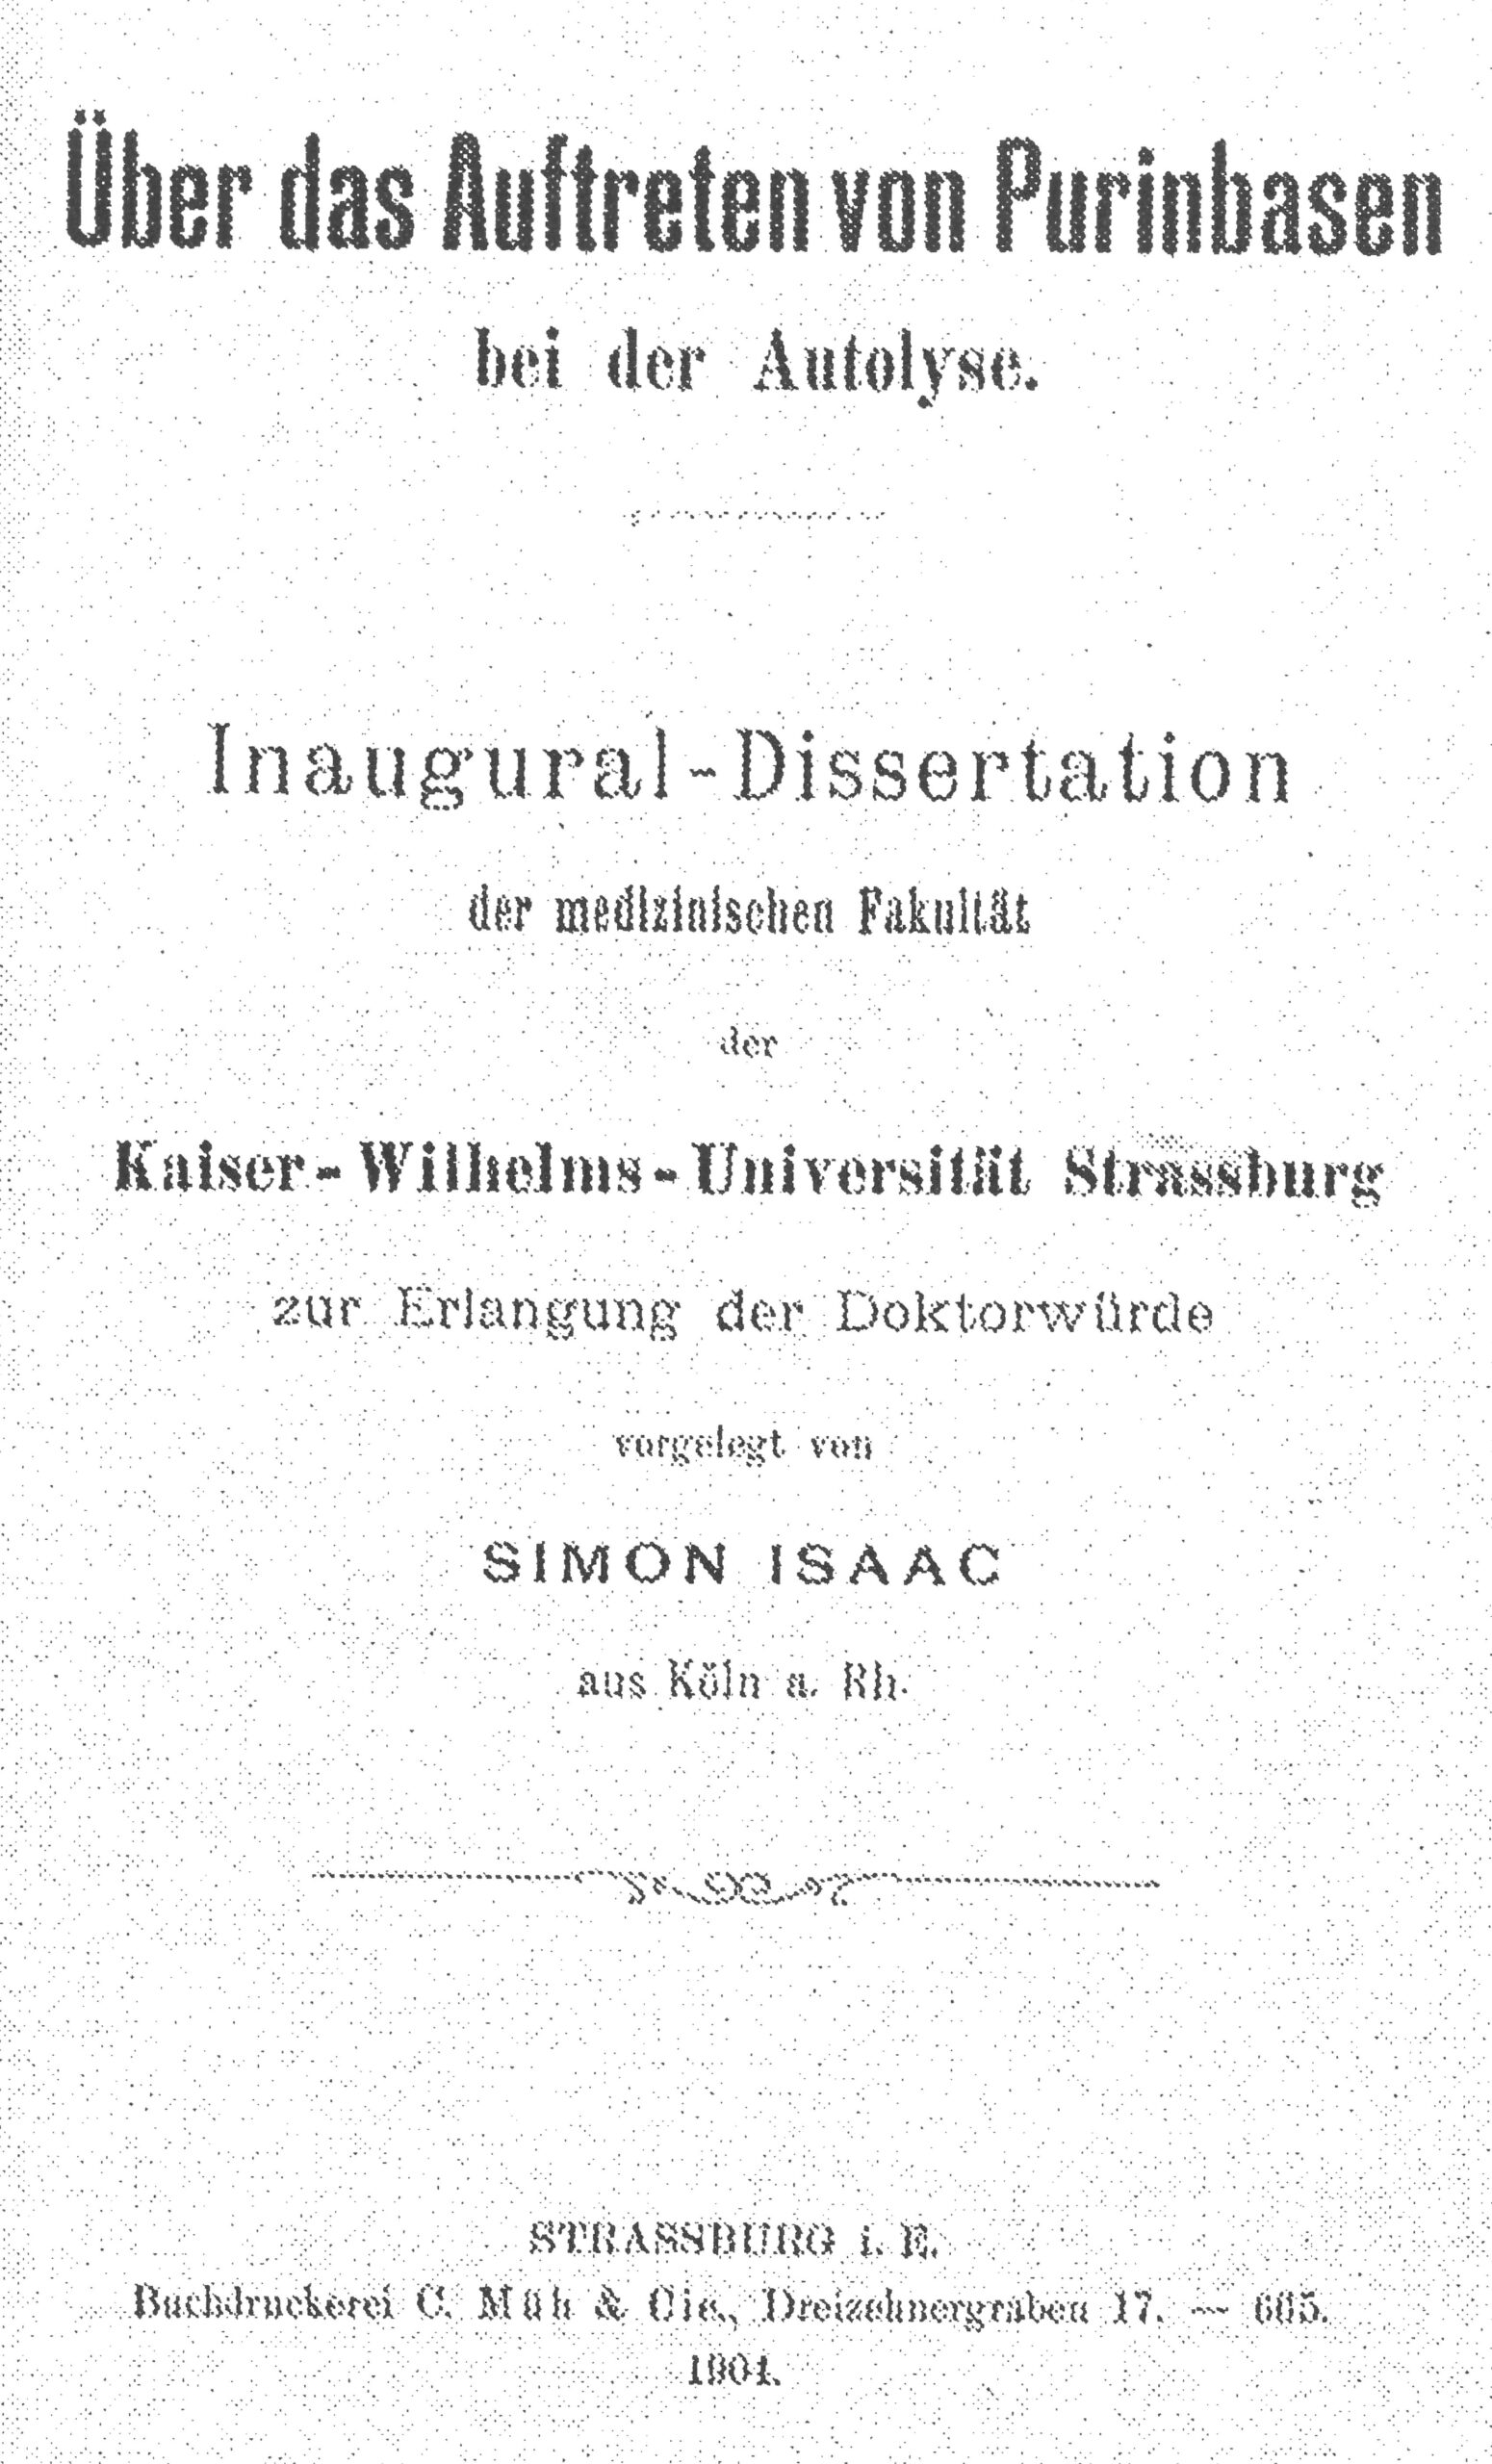 Dissertation, Straßburg 1901